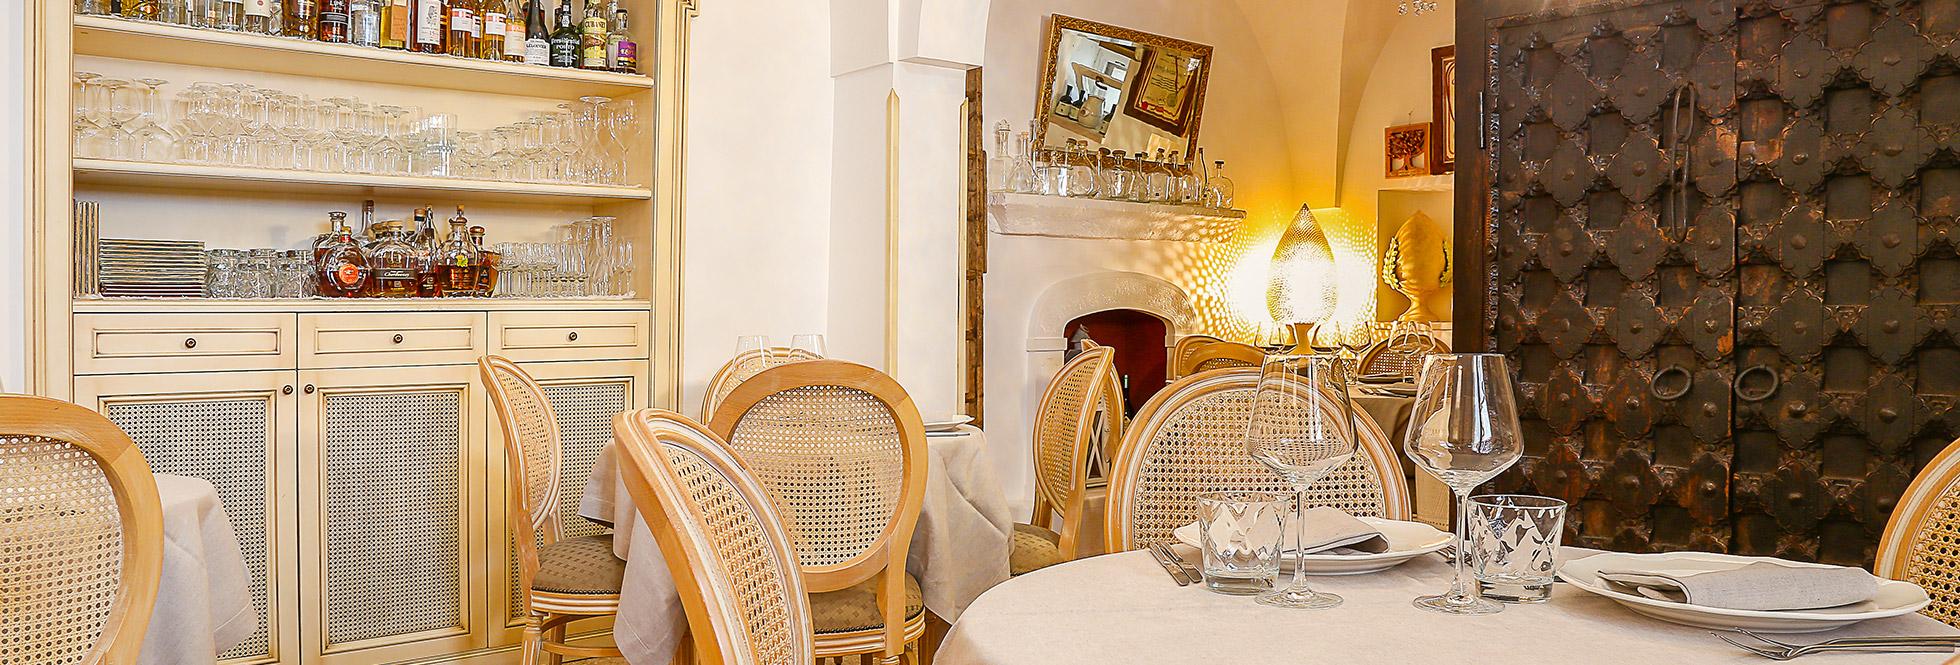 Restaurant Piazzetta Cattedrale 03